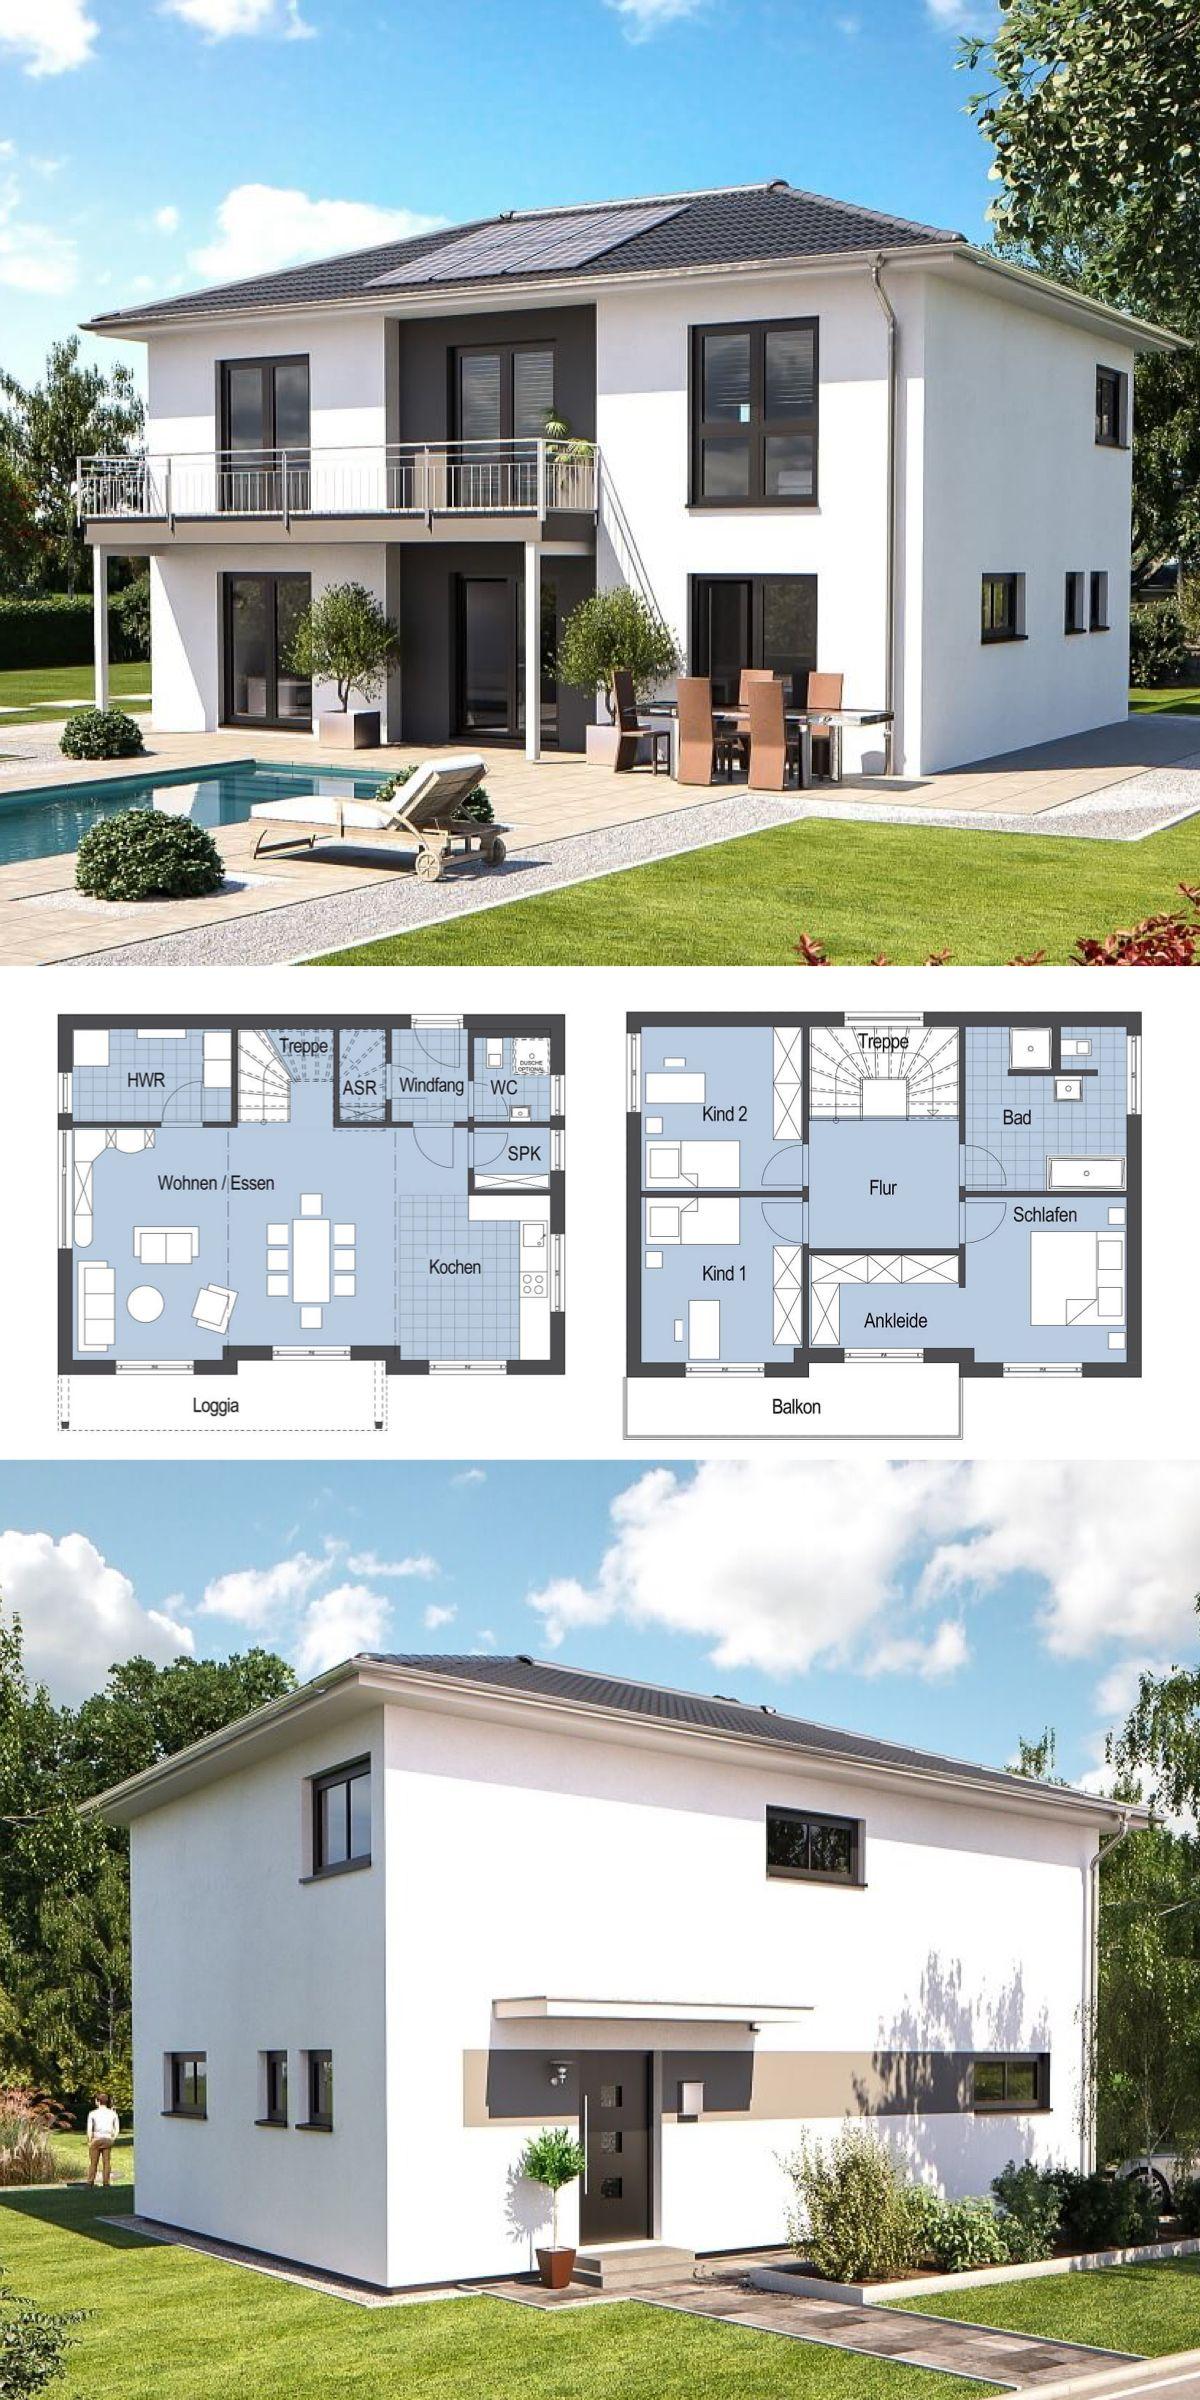 Stadtvilla modern mit Walmdach Architektur Hausbau Ideen